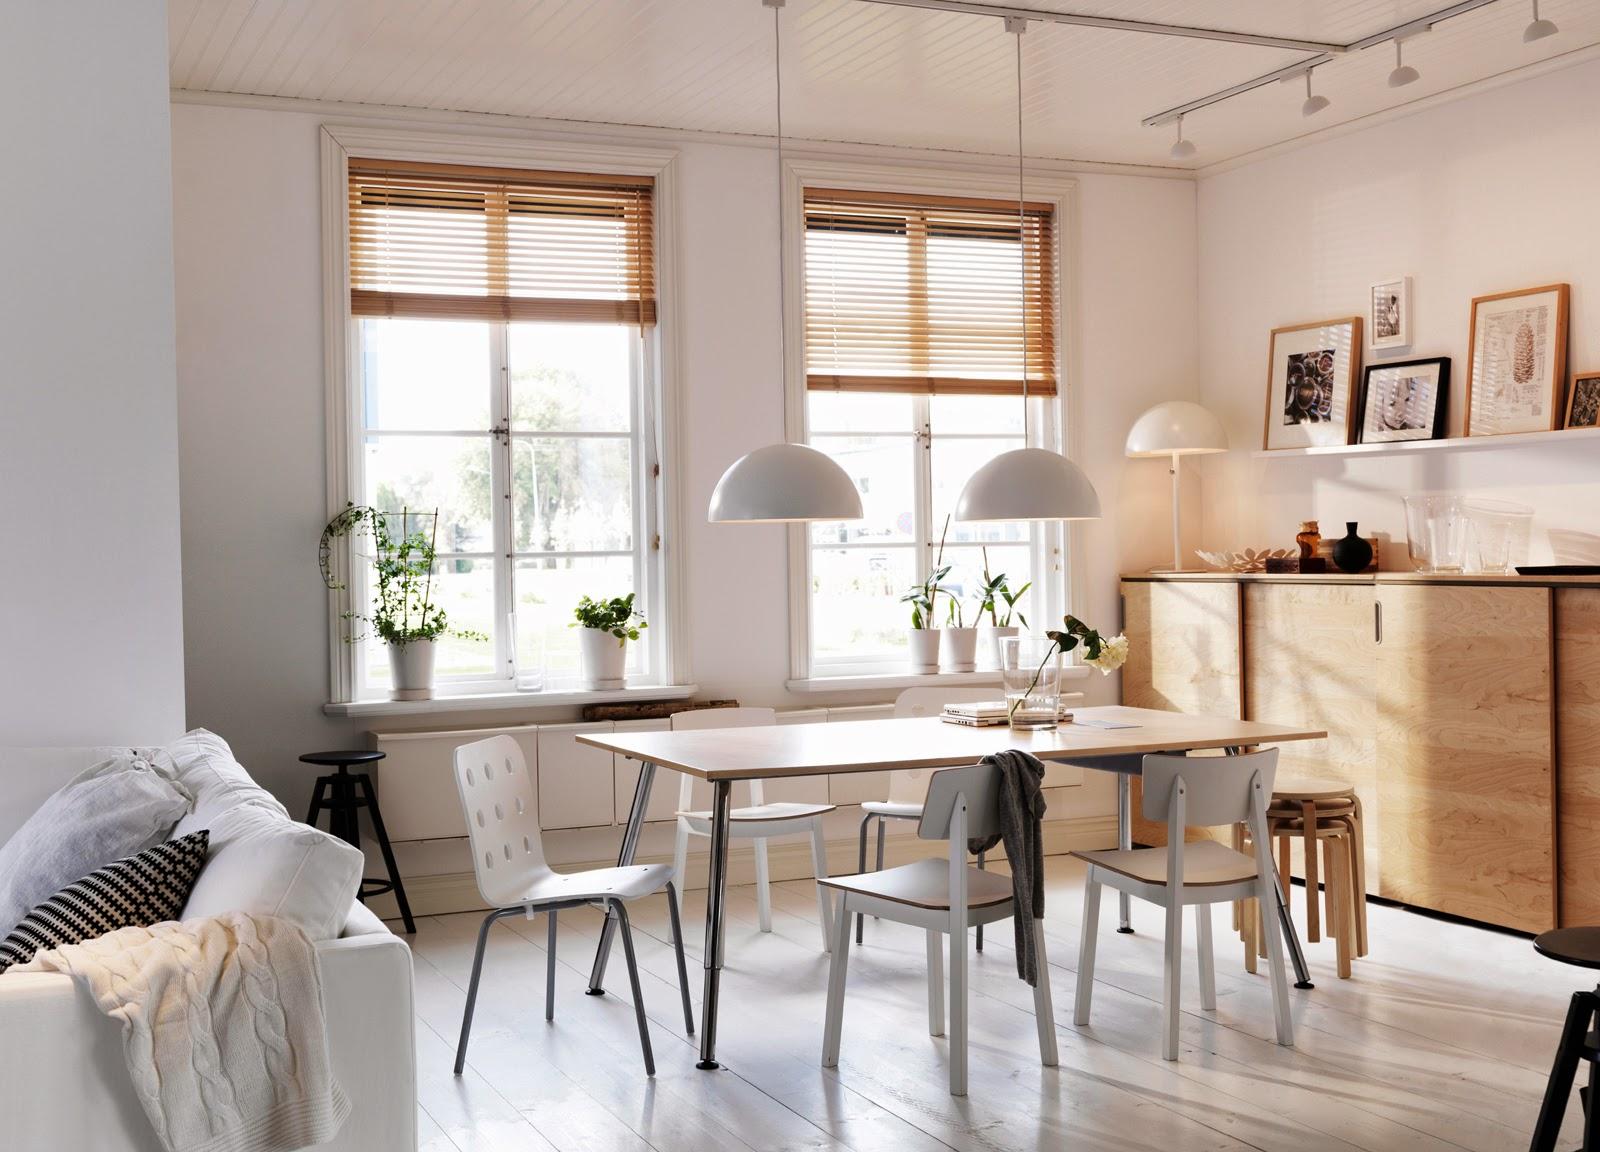 Amedeo liberatoscioli consigli utili rinnovare la casa for Rinnovare casa